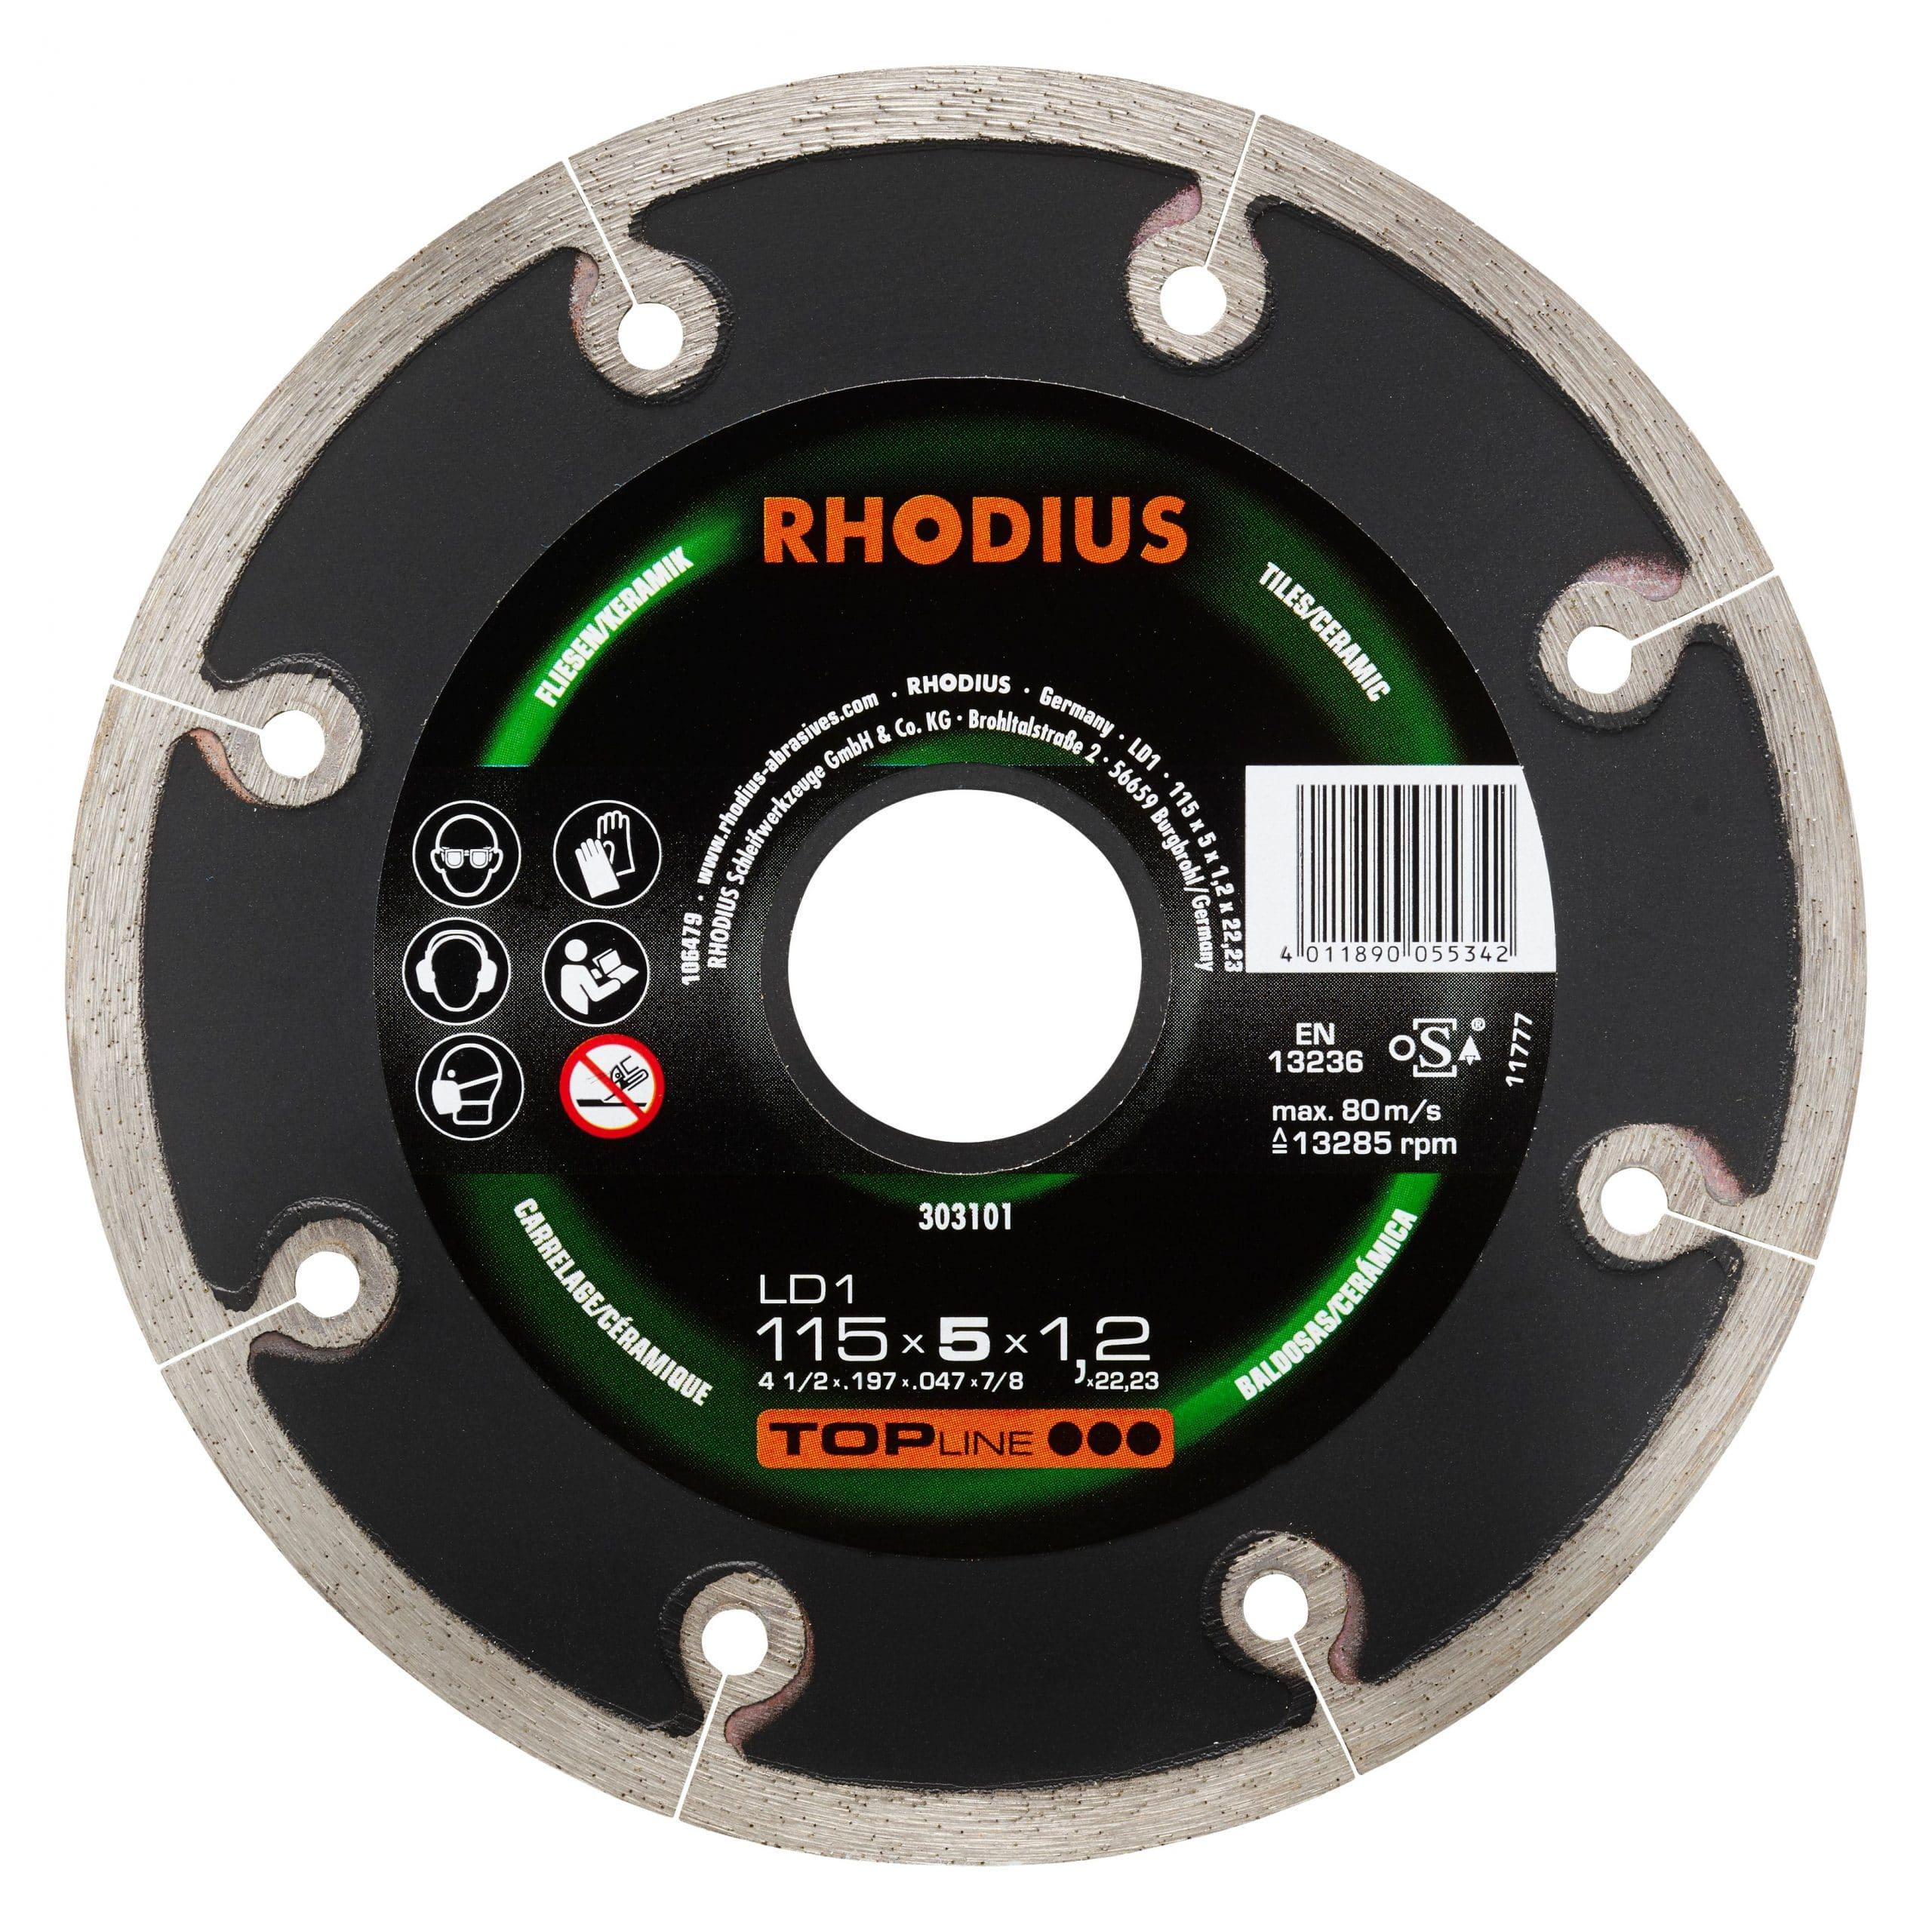 Rhodius LD1 diamantschijf 115mmx5x1.2 303101